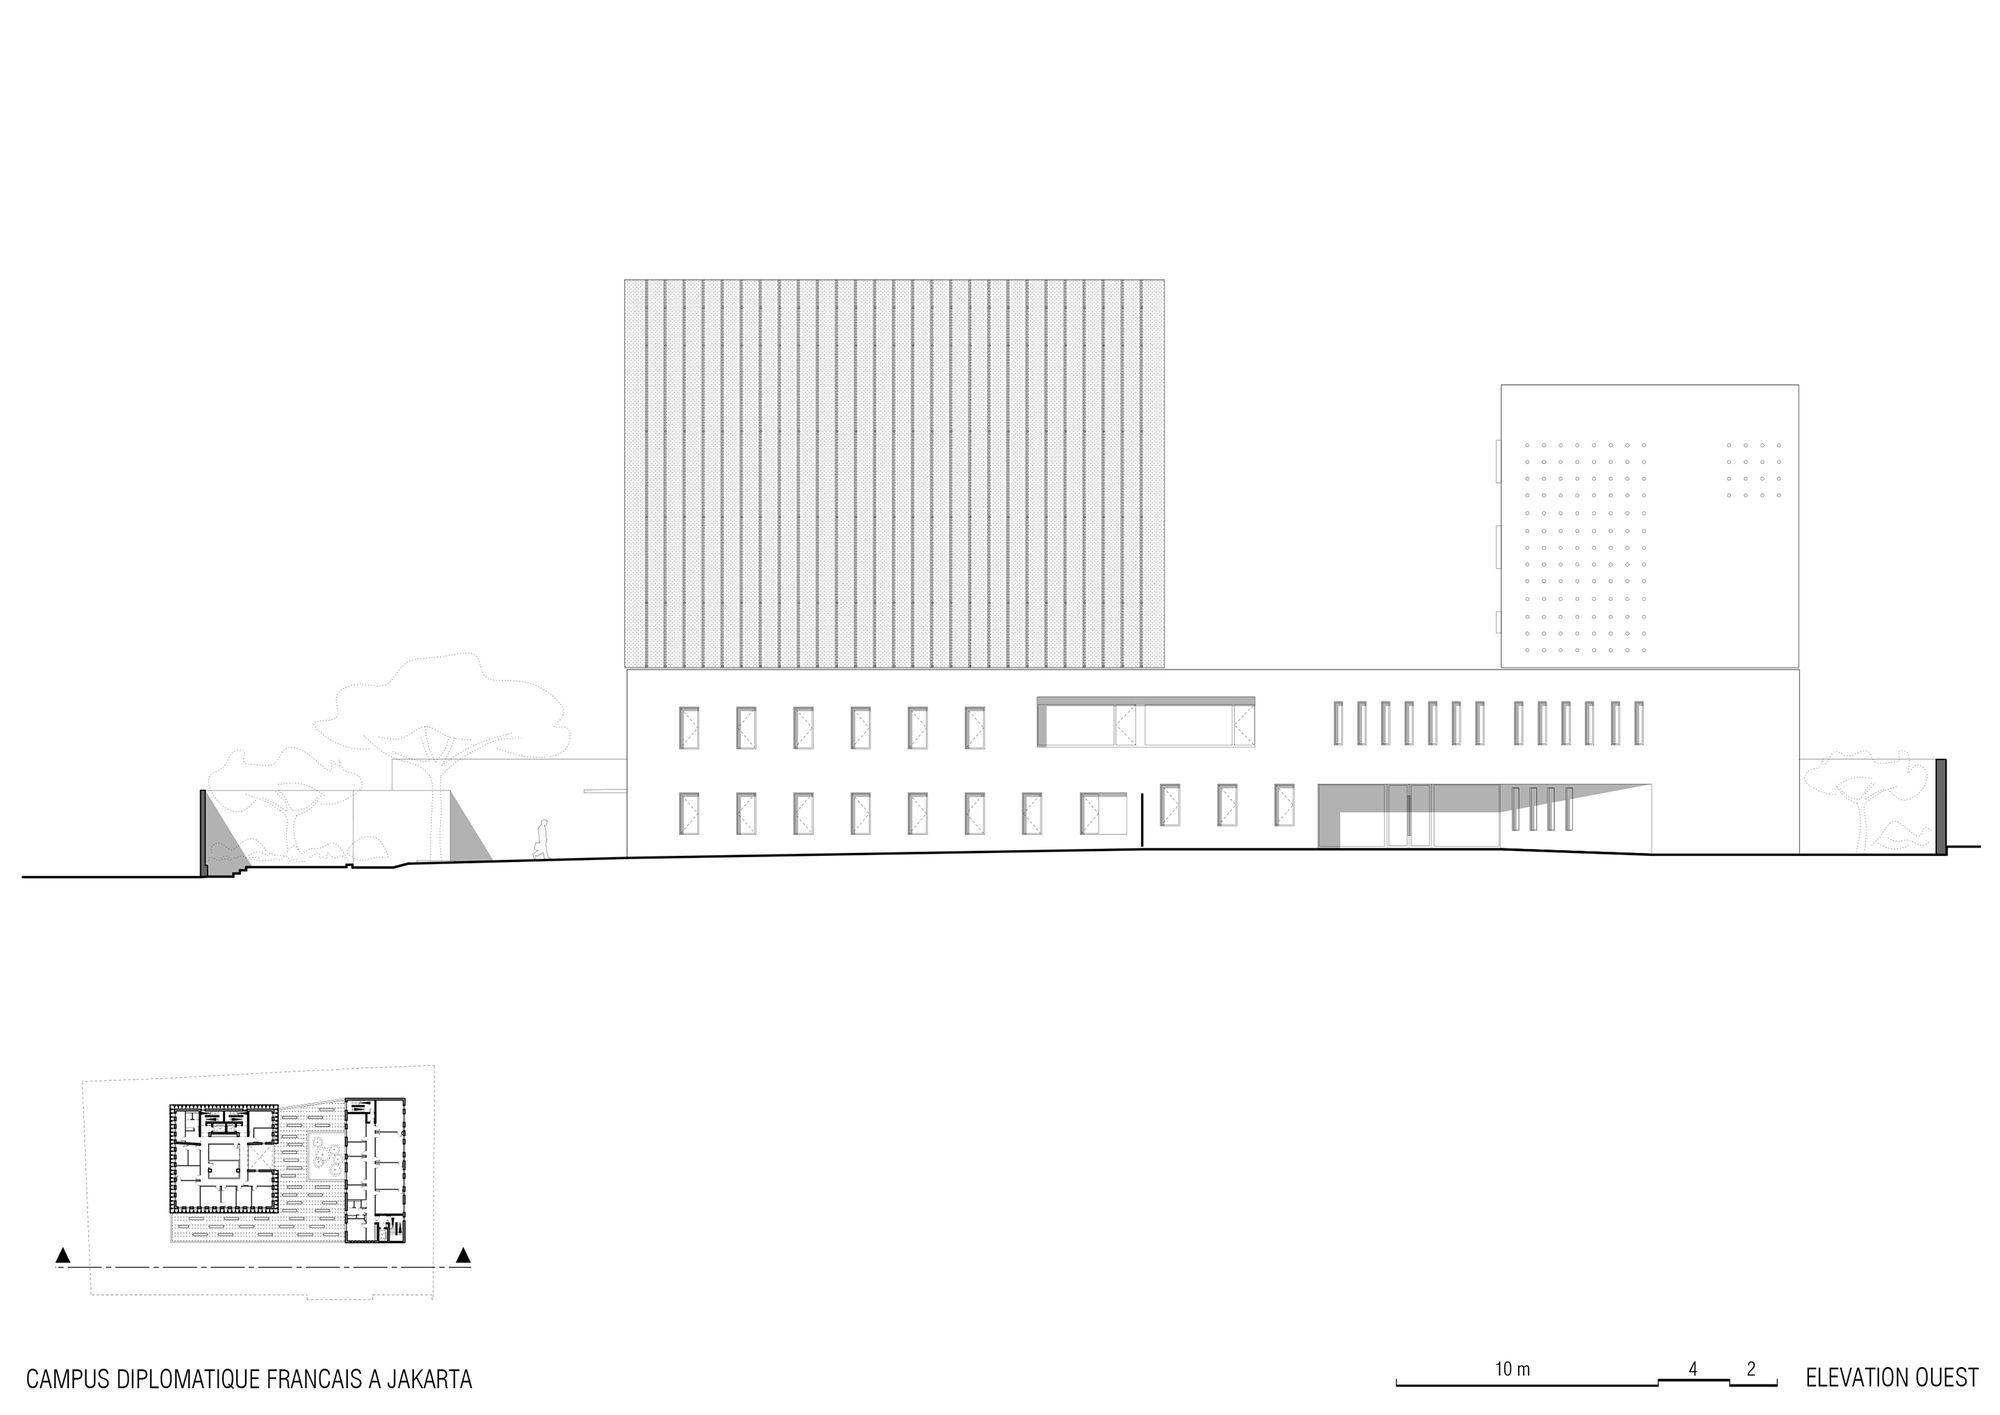 Imagem 30 de 30 da galeria de Embaixada da França e Instituto Francês em Jacarta / Segond-Guyon Architectes. Fachada